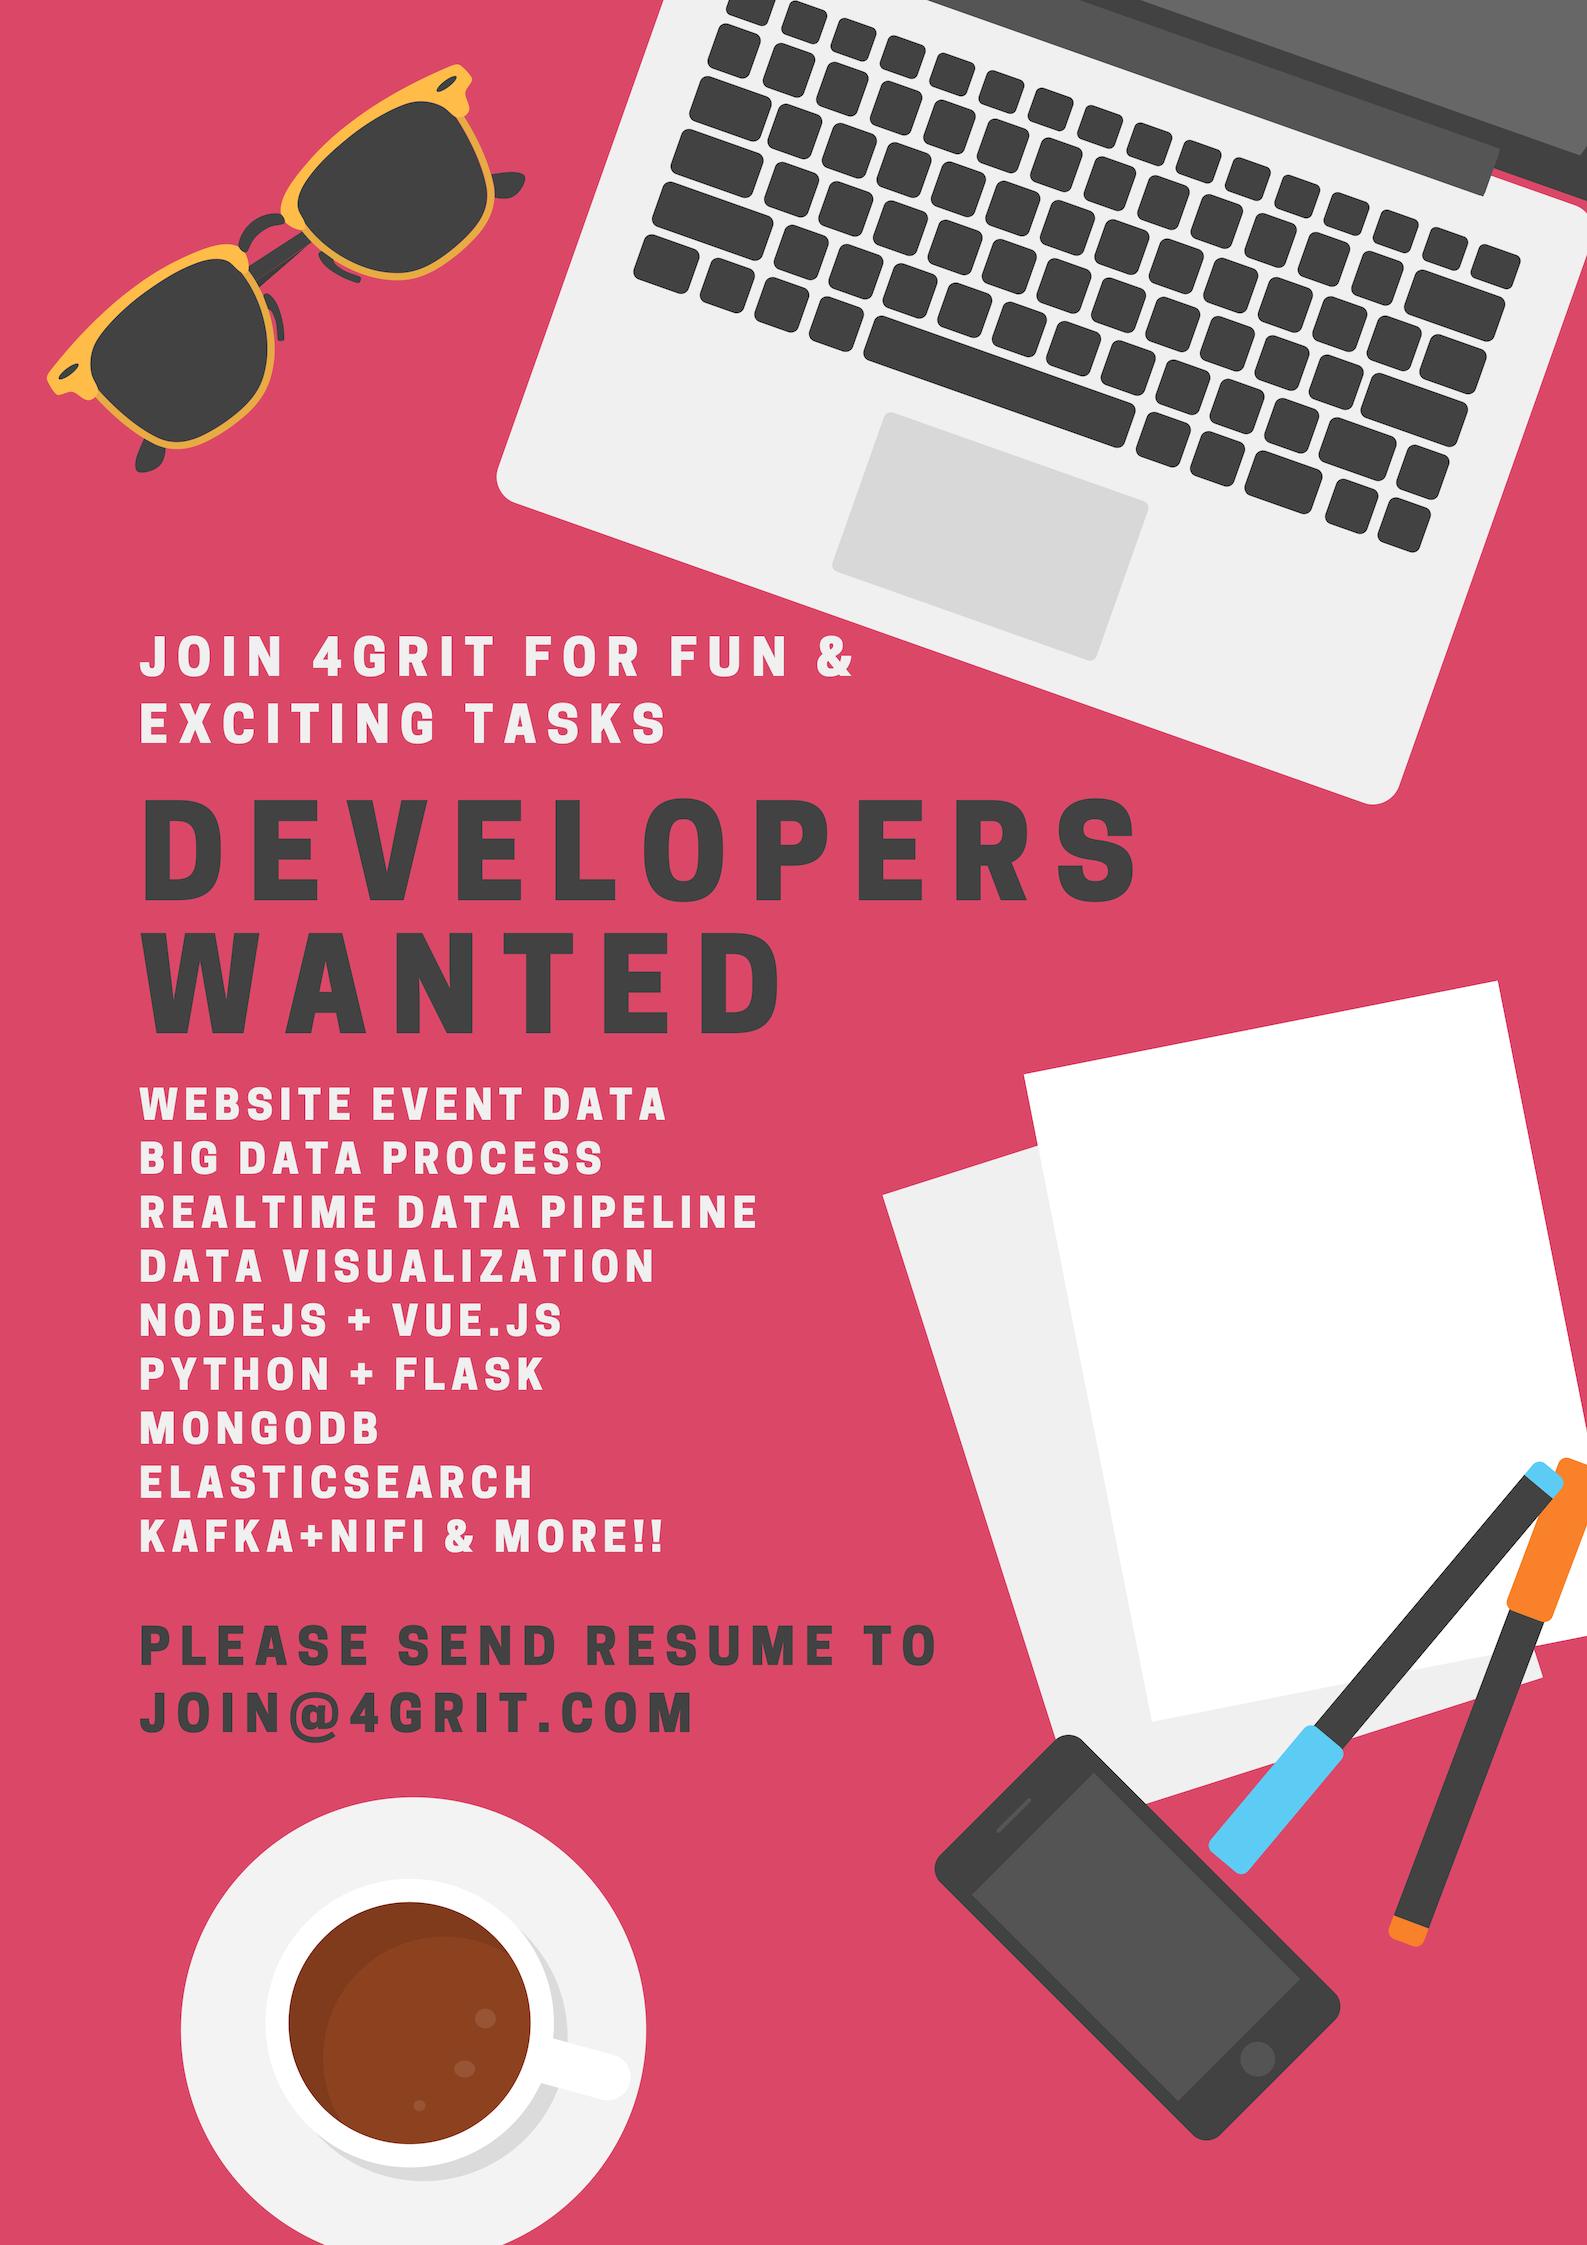 채용- 빅데이터 플랫폼을 함께 구축할 개발자를 모...